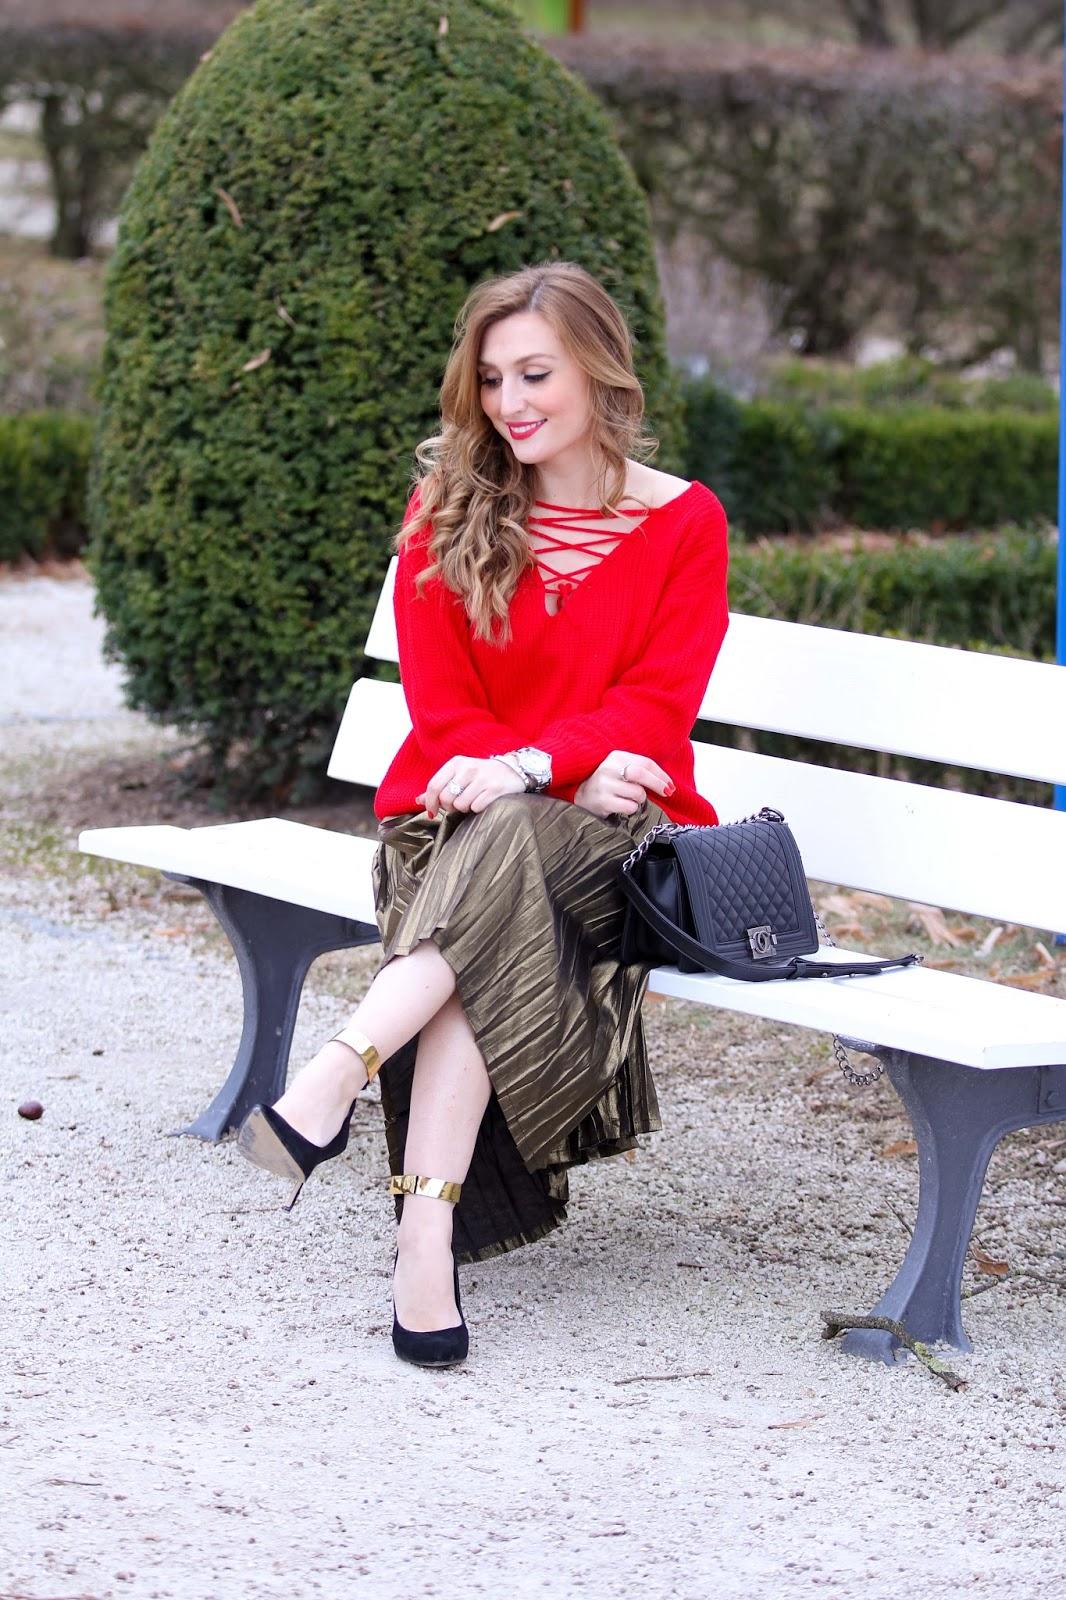 Geflochtener Roter Wollpullover Fashionstylebyjohanna